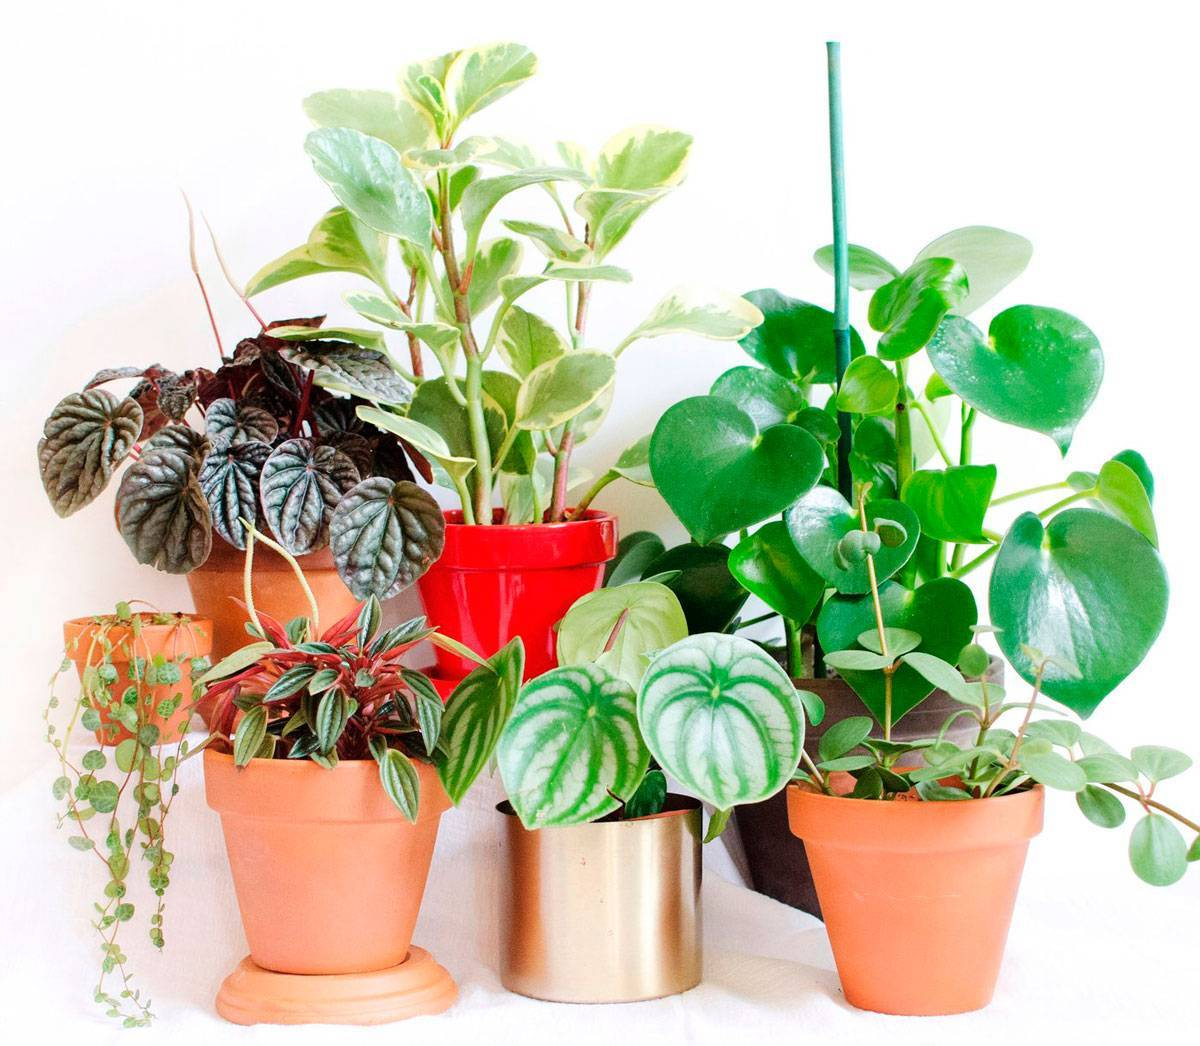 Цветение, уход в домашних условиях и обрезка пеперомии туполистной